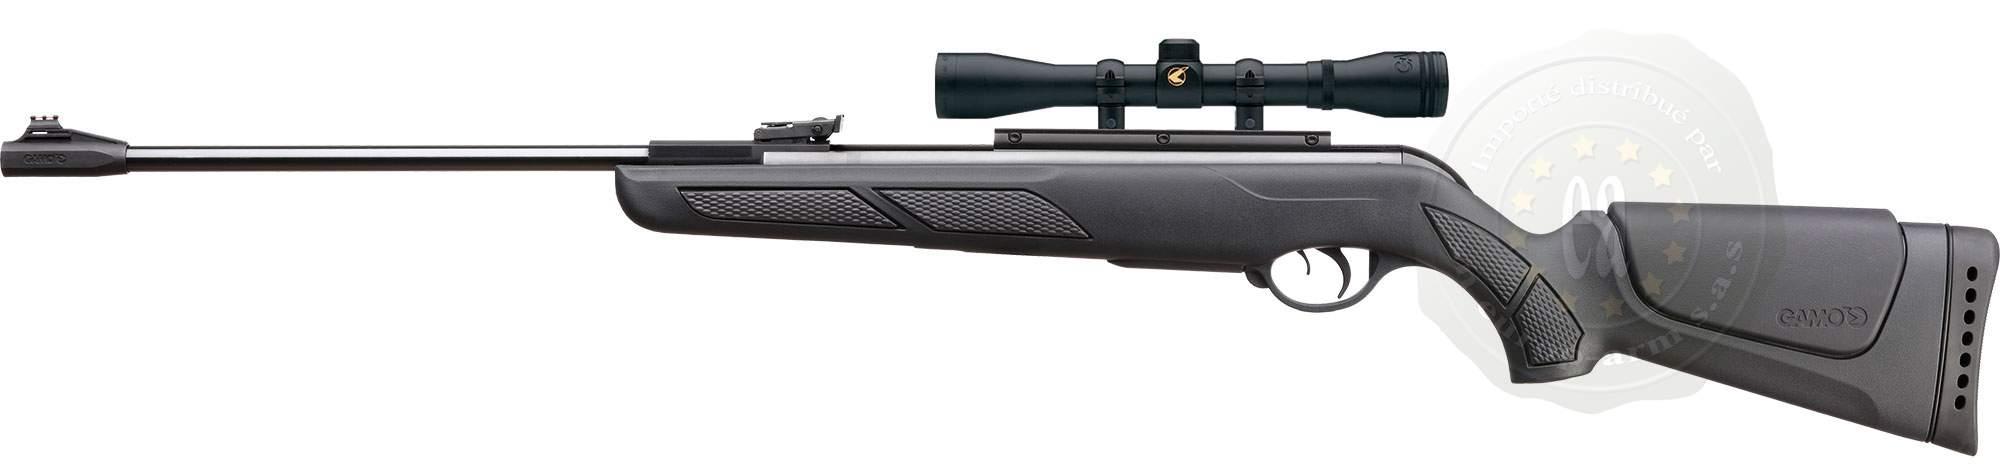 Carabine Gamo shadow 1000 combo